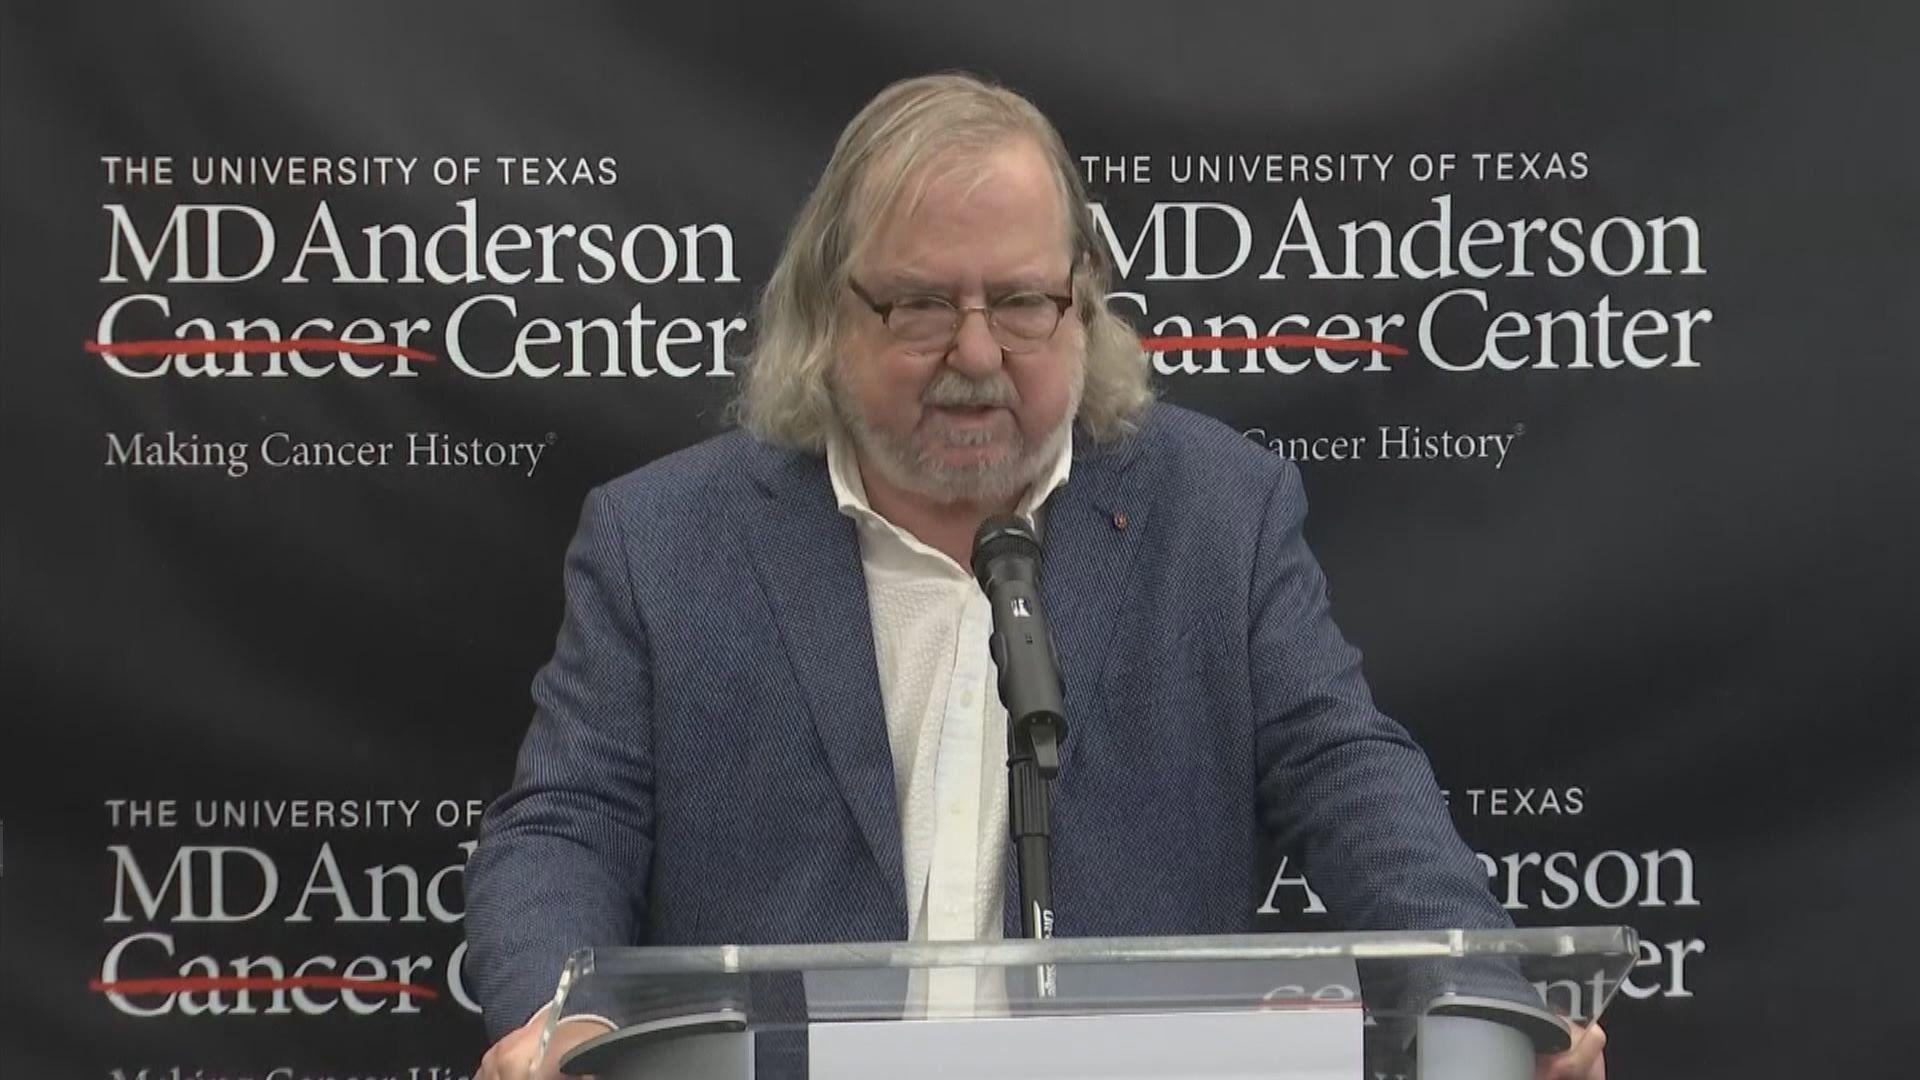 諾貝爾醫學獎得主艾利森在紐約開記者會